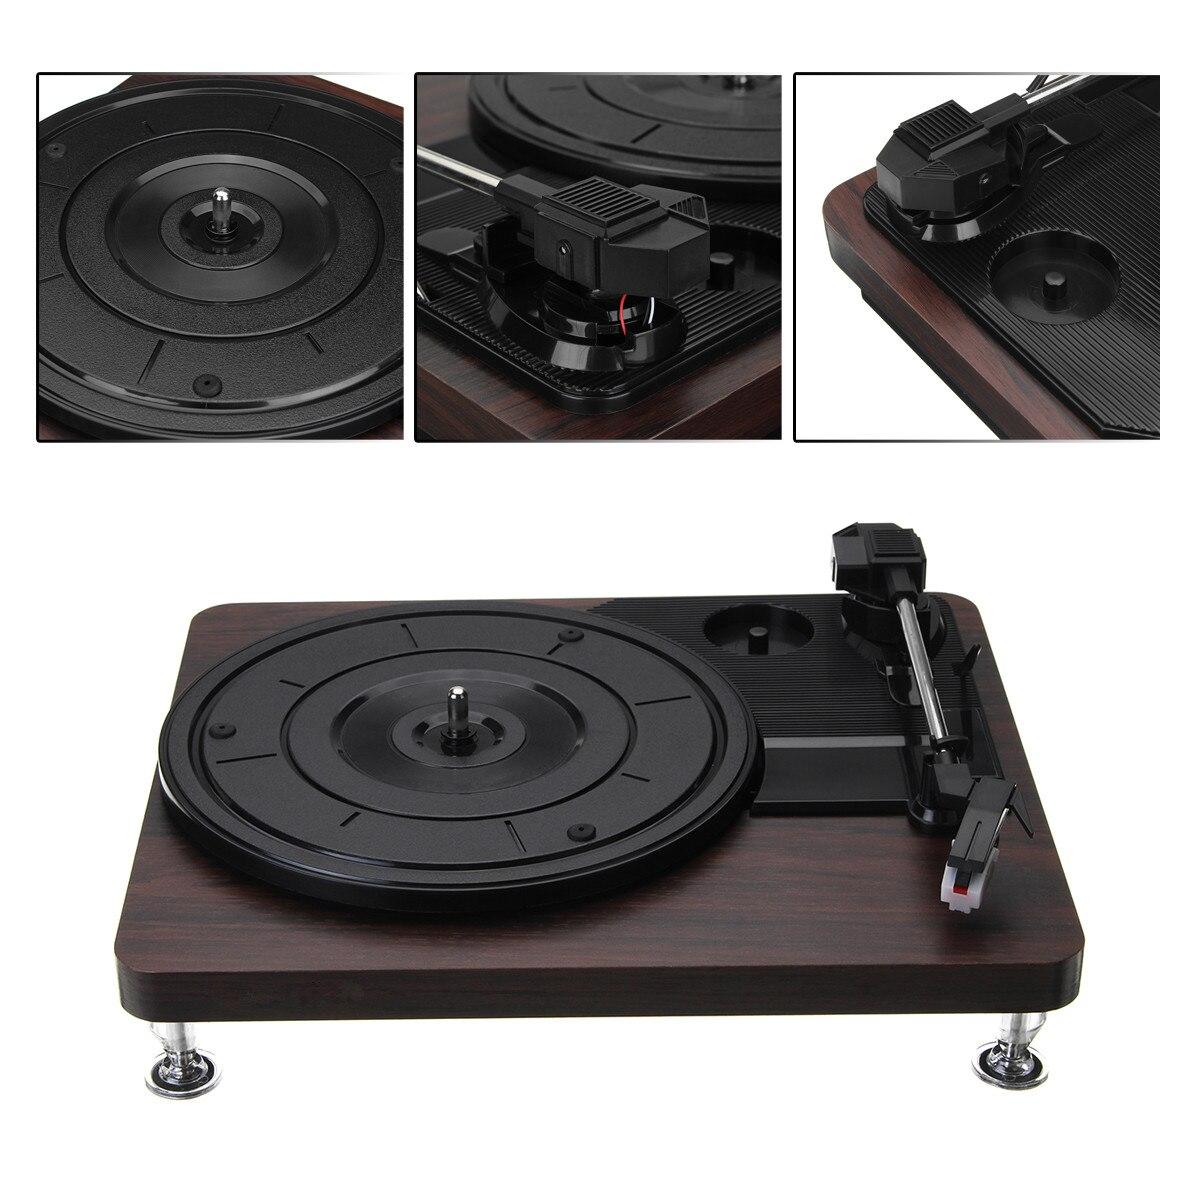 Plattenspieler 33 Rpm Antikes Grammophon Plattenspieler Disc Vinyl Audio Rca R/l 3,5mm Ausgang Out Usb Dc 5 V Ladegerät Holz Farbe Zahlreich In Vielfalt Plattenspieler